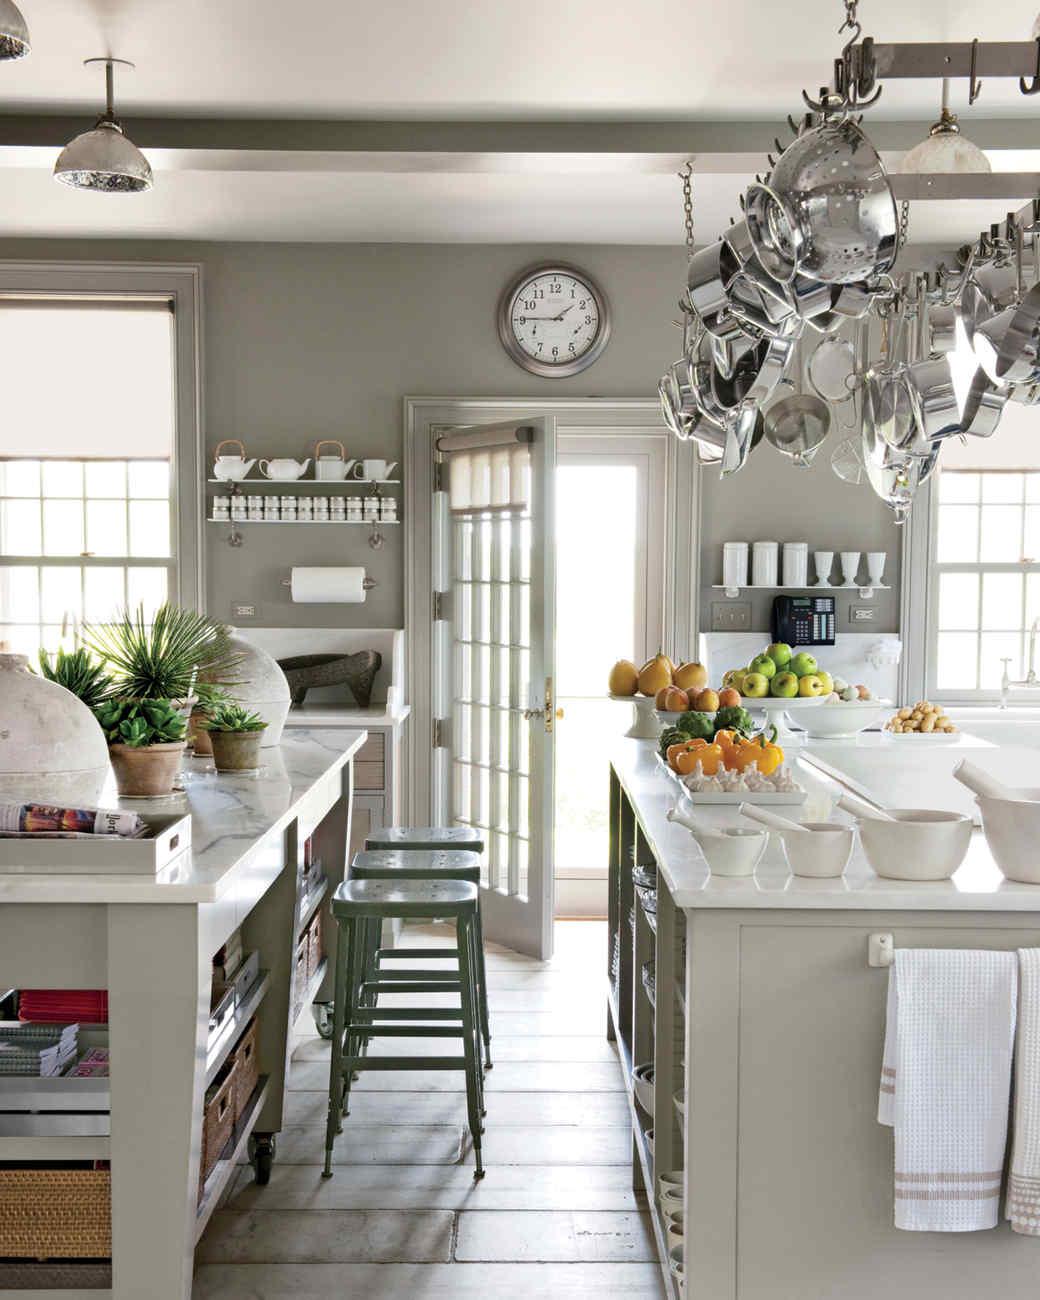 kitchen-md106031.jpg